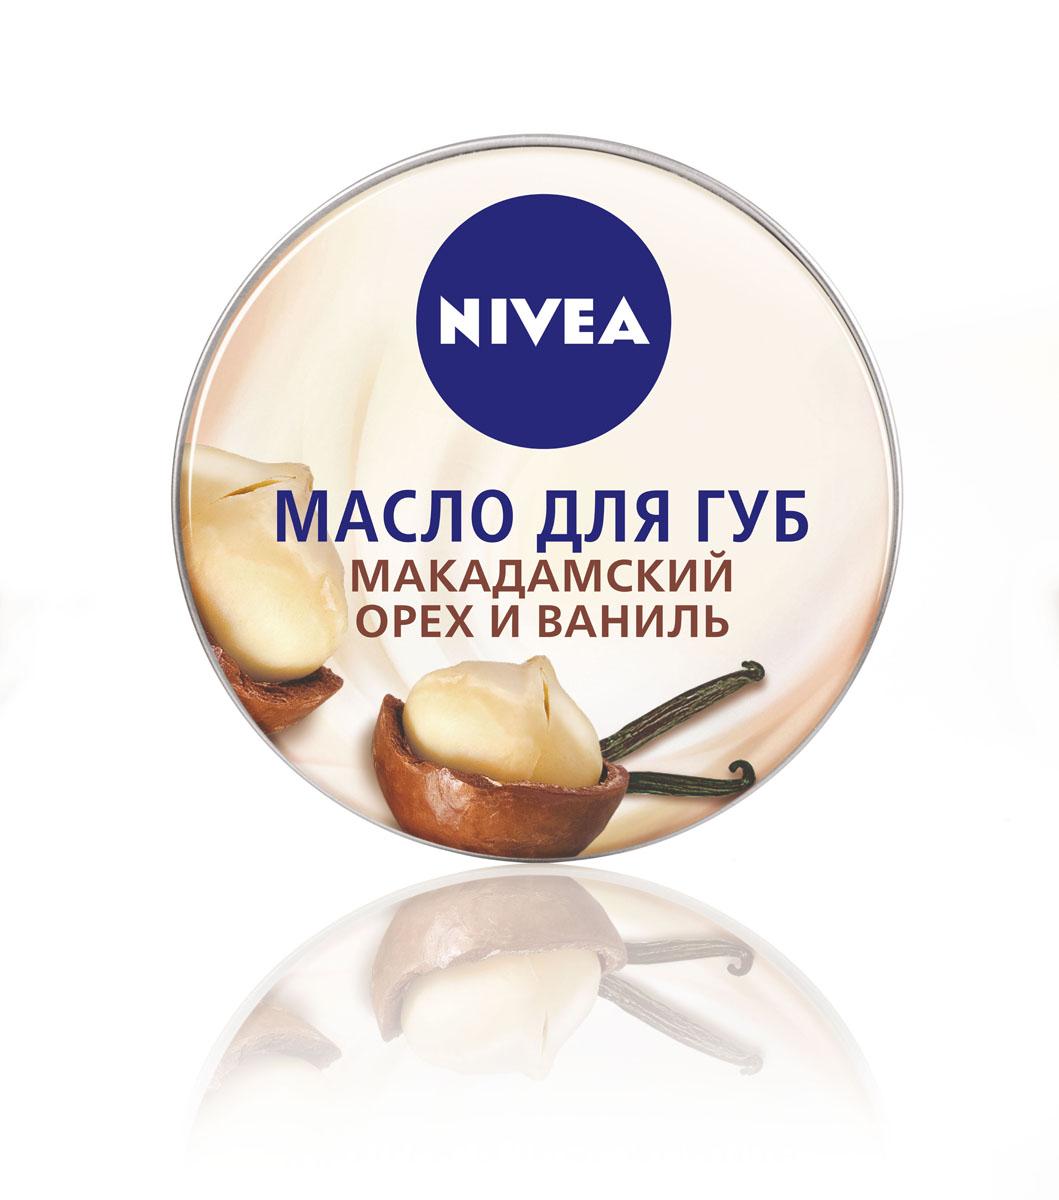 NIVEA Масло для губ «Макадамский орех и ваниль» 19 мл100620805•Масло для губ от NIVEA — это новая гамма восхитительных вкусов и ароматов, которая превращает уход за губами в истинное удовольствие. Увлажняющая формула, обогощенная маслами карите и миндаля, интенсивно и надолго увлажняет кожу губ. Масло для губ с нежным ароматом ванили и макадамского ореха делает кожу губ невероятно мягкой. Как это работает •обеспечивает интенсивный уход в течение длительного времени •подходит для сухих губ •придает необыкновенную мягкость •придает естественный блеск Одобрено дерматологами NIVEA — всё для самых нежных поцелуев!